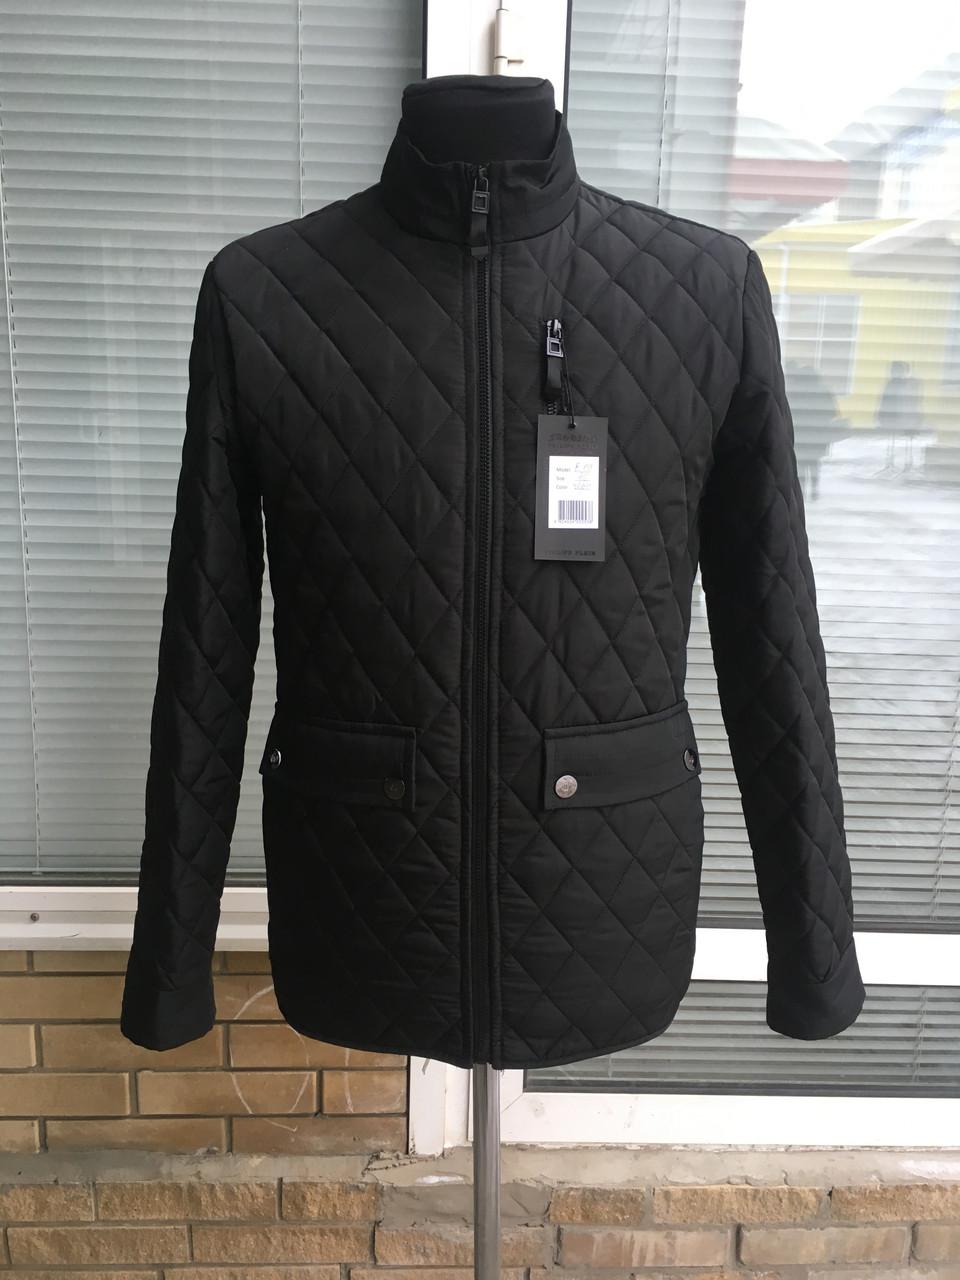 fbe361d157dc5 Мужская весенняя стёганая куртка - CityStile - Интернет-магазин одежды от  производителя в Харькове